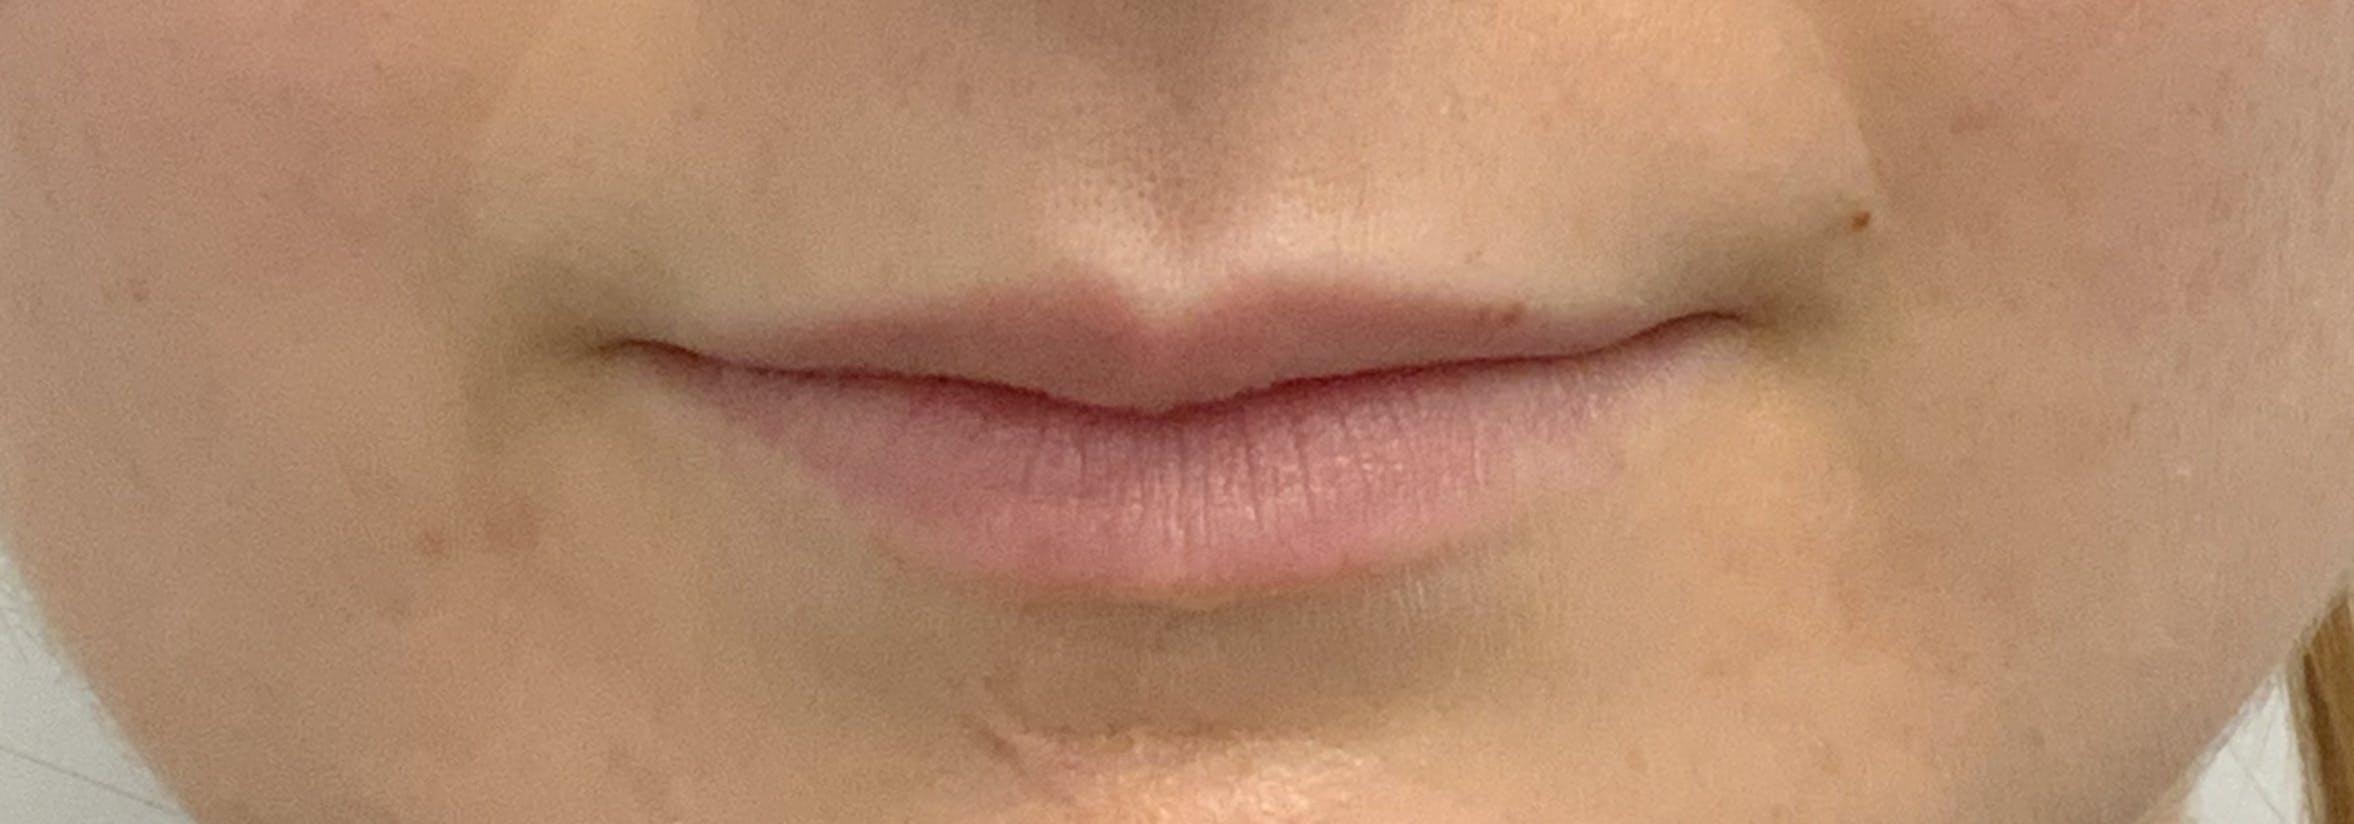 Lip Filler Gallery - Patient 56161104 - Image 1